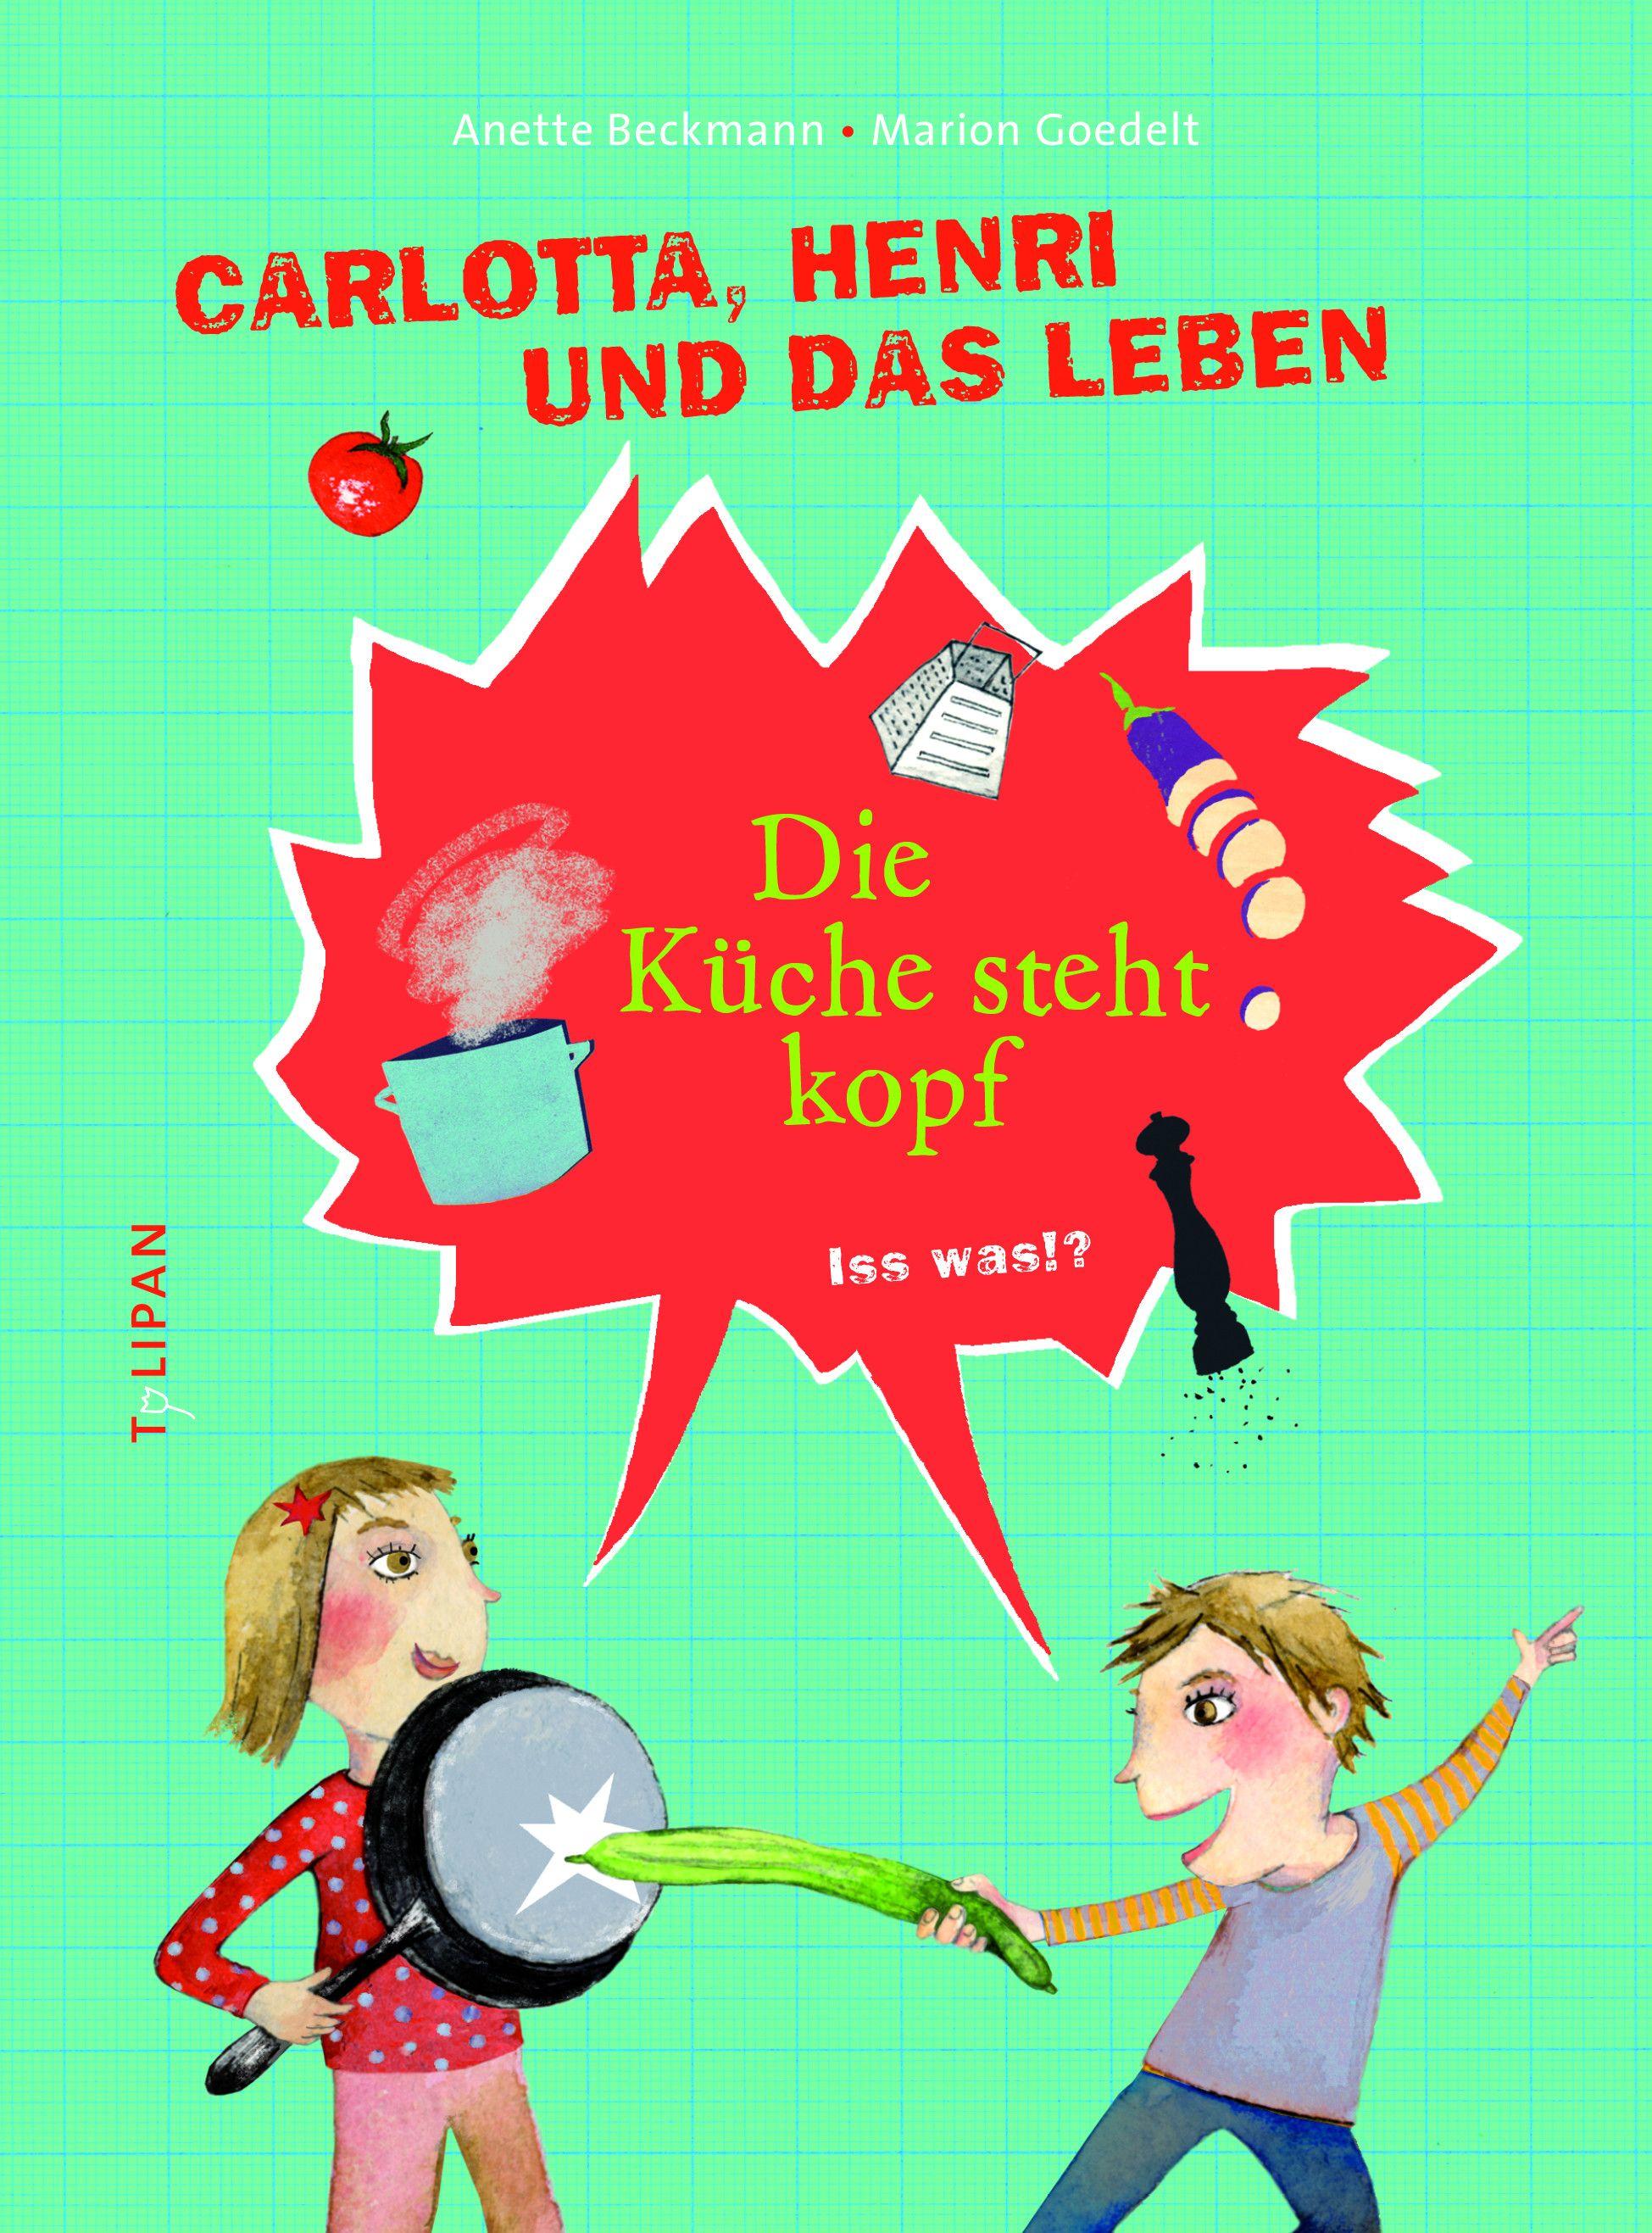 Carlotta, Henri und das Leben - Die Küche steht Kopf von Beckmann, An